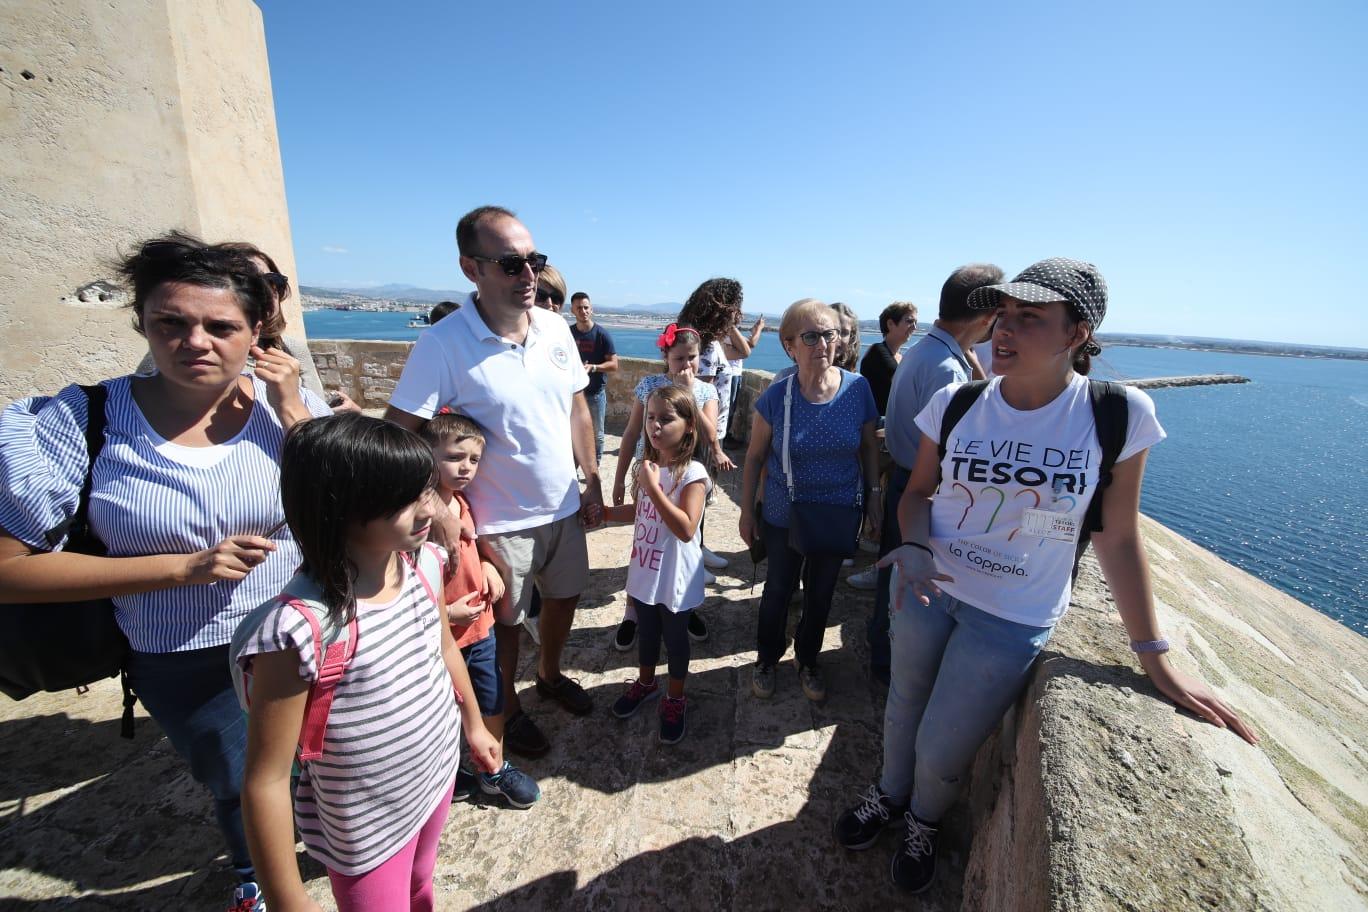 Otto città e oltre settantamila visitatori: il successo de Le Vie dei Tesori nelle sei province siciliane ha superato ogni aspettativa. Se nel primo weekend di programmazione si erano sfiorati i 18 mila visitatori ed era sembrato un bellissimo traguardo, e nel secondo finesettimana si erano toccate le 25 mila presenze, è il dato finale ad essere straordinario: 70.765 visitatori nei tre weekend del festival. Le Vie dei Tesori, i numeri Un successo straordinario per le Vie dei Tesori. Trapani(trascinata dalla Torre della Colombaia sempre esaurita) con 15.627 visitatori superaMessina che si ferma a 14.365, ma registra un exploit bellissimo